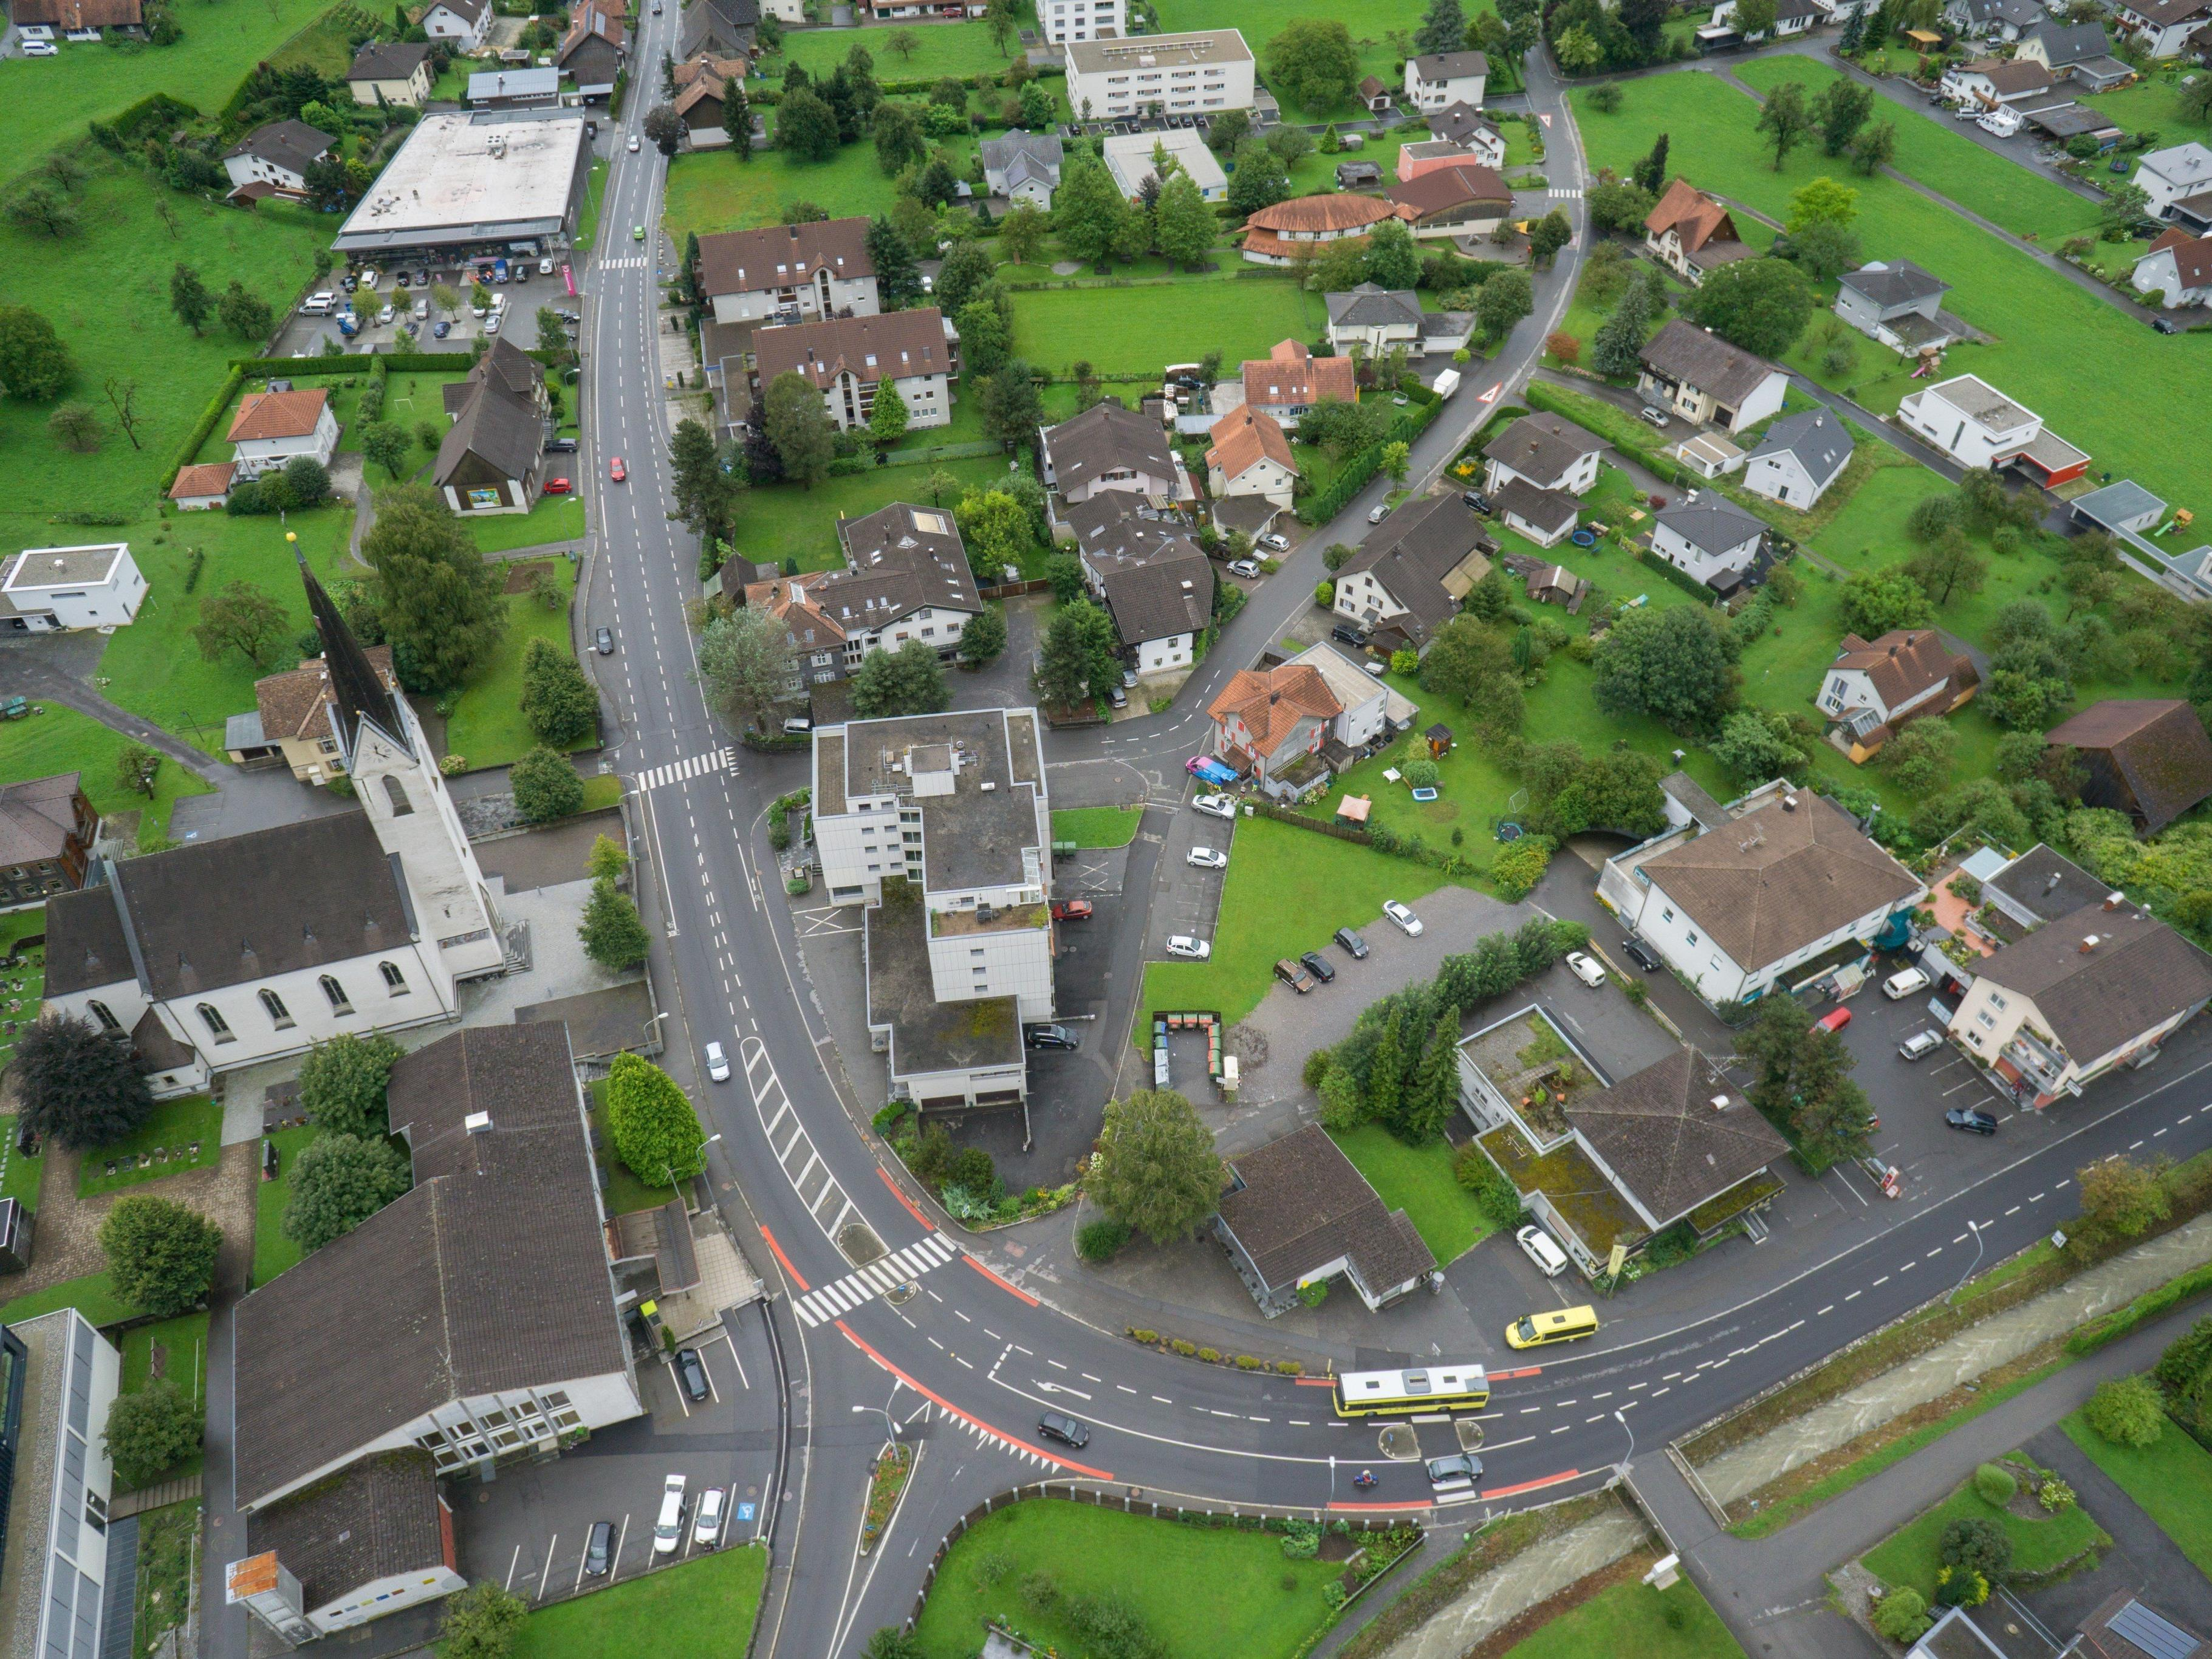 Standort Dorfmitte: Gegenüber dem Gemeindeamt sollen drei dreistöckige Bauten errichtet werden.